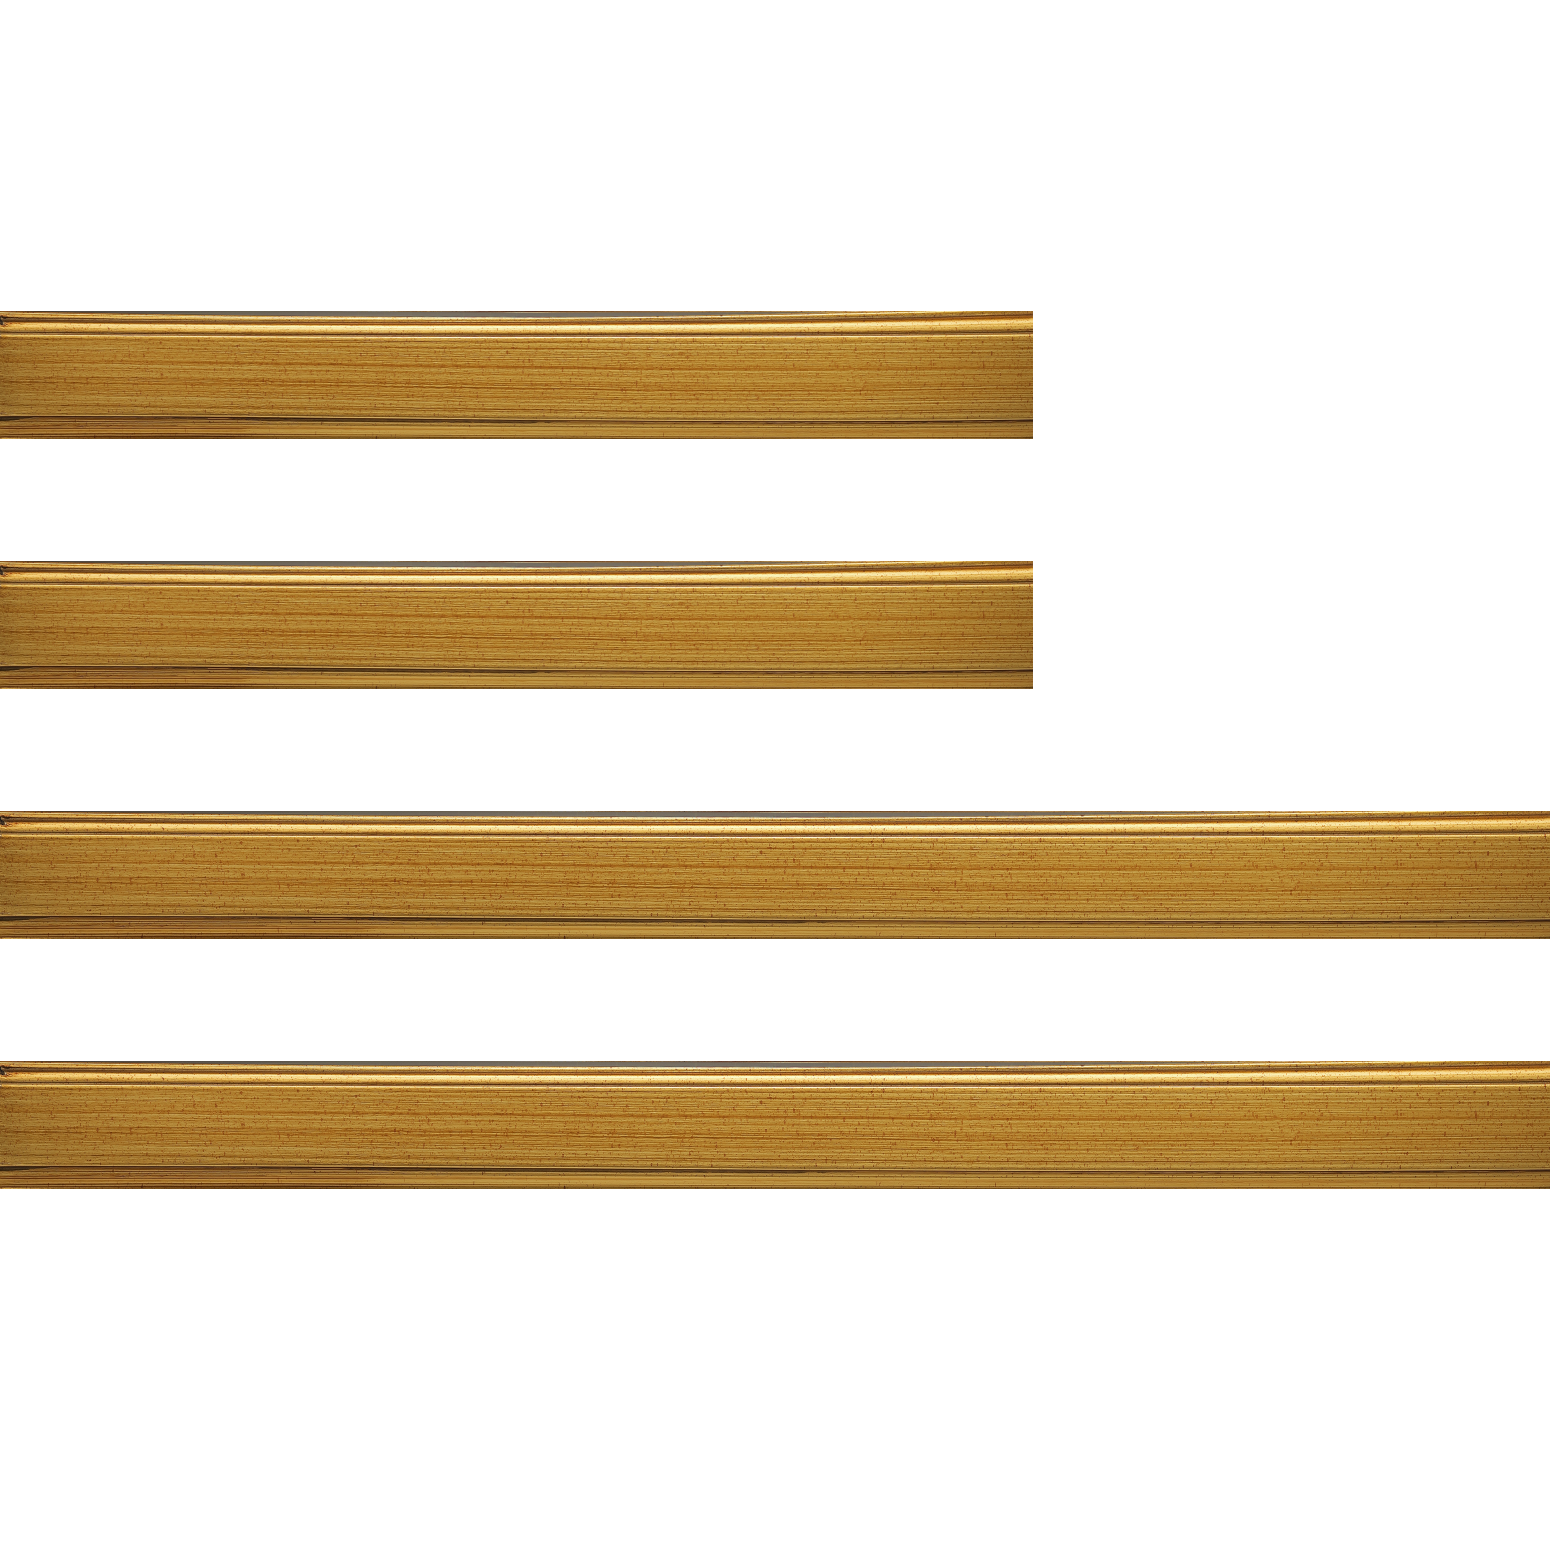 Baguette bois profil plat largeur 3.5cm couleur or filet or